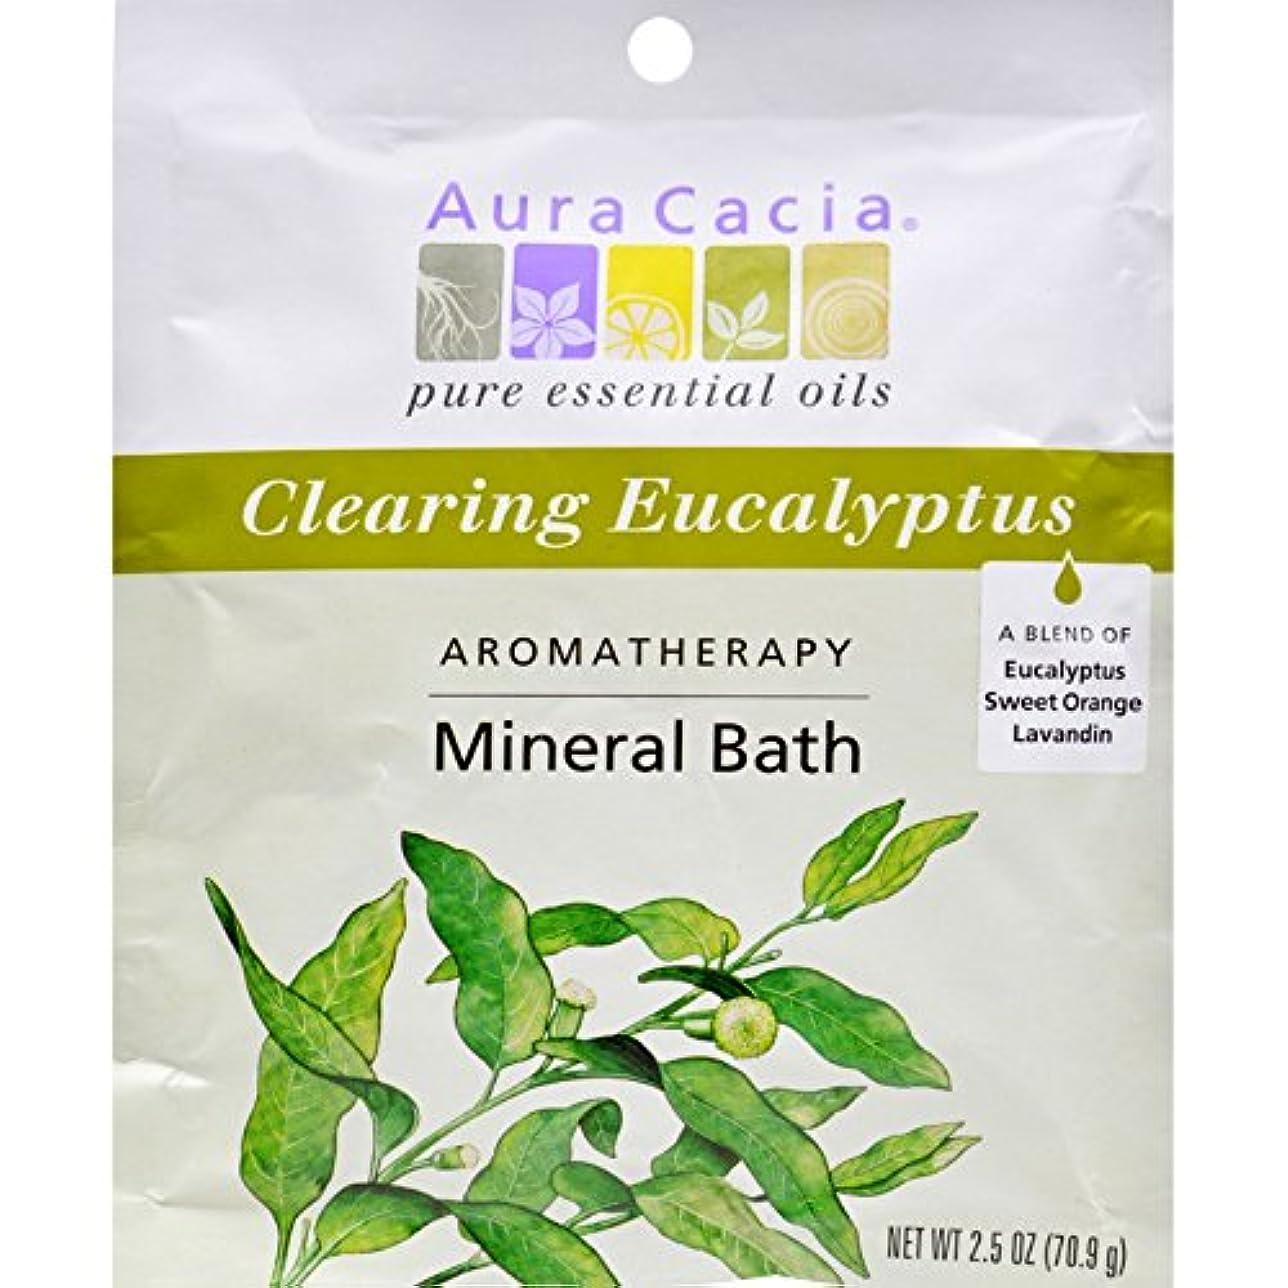 休暇アンテナネーピアAura Cacia, Aromatherapy Mineral Bath, Clearing Eucalyptus, 2.5 oz (70.9 g)